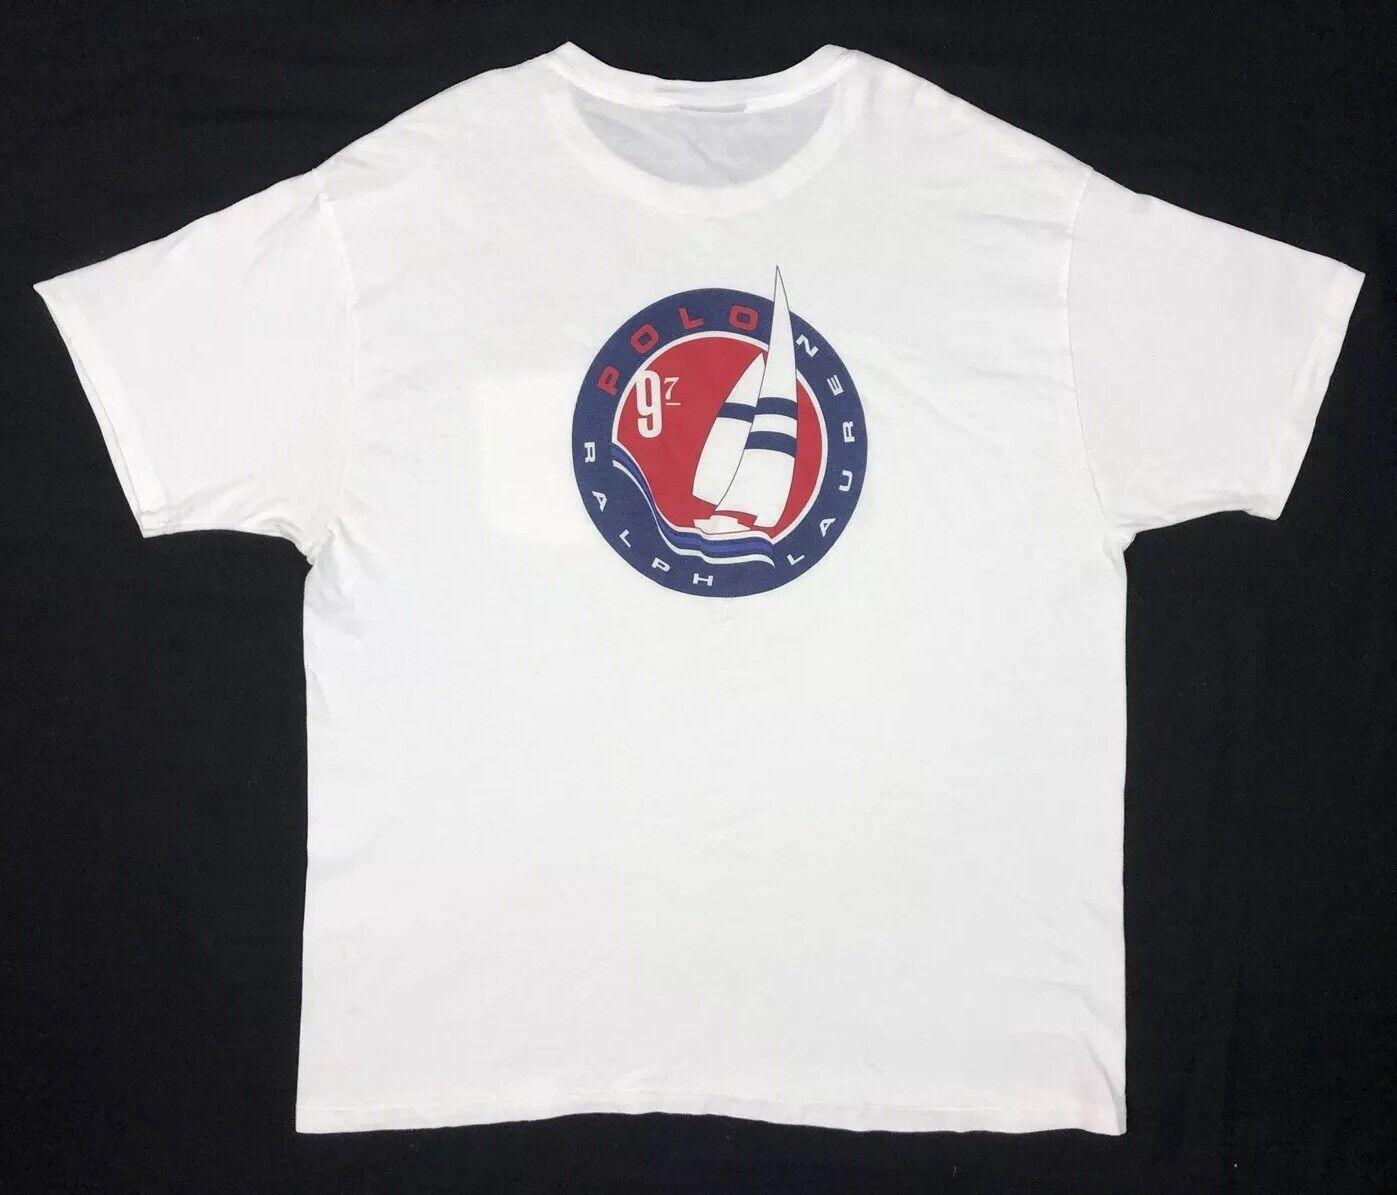 Vtg Polo Sport Ralph Lauren  Herren 1997 Sailing Yacht Weiß S/S T-Shirt Sz Large